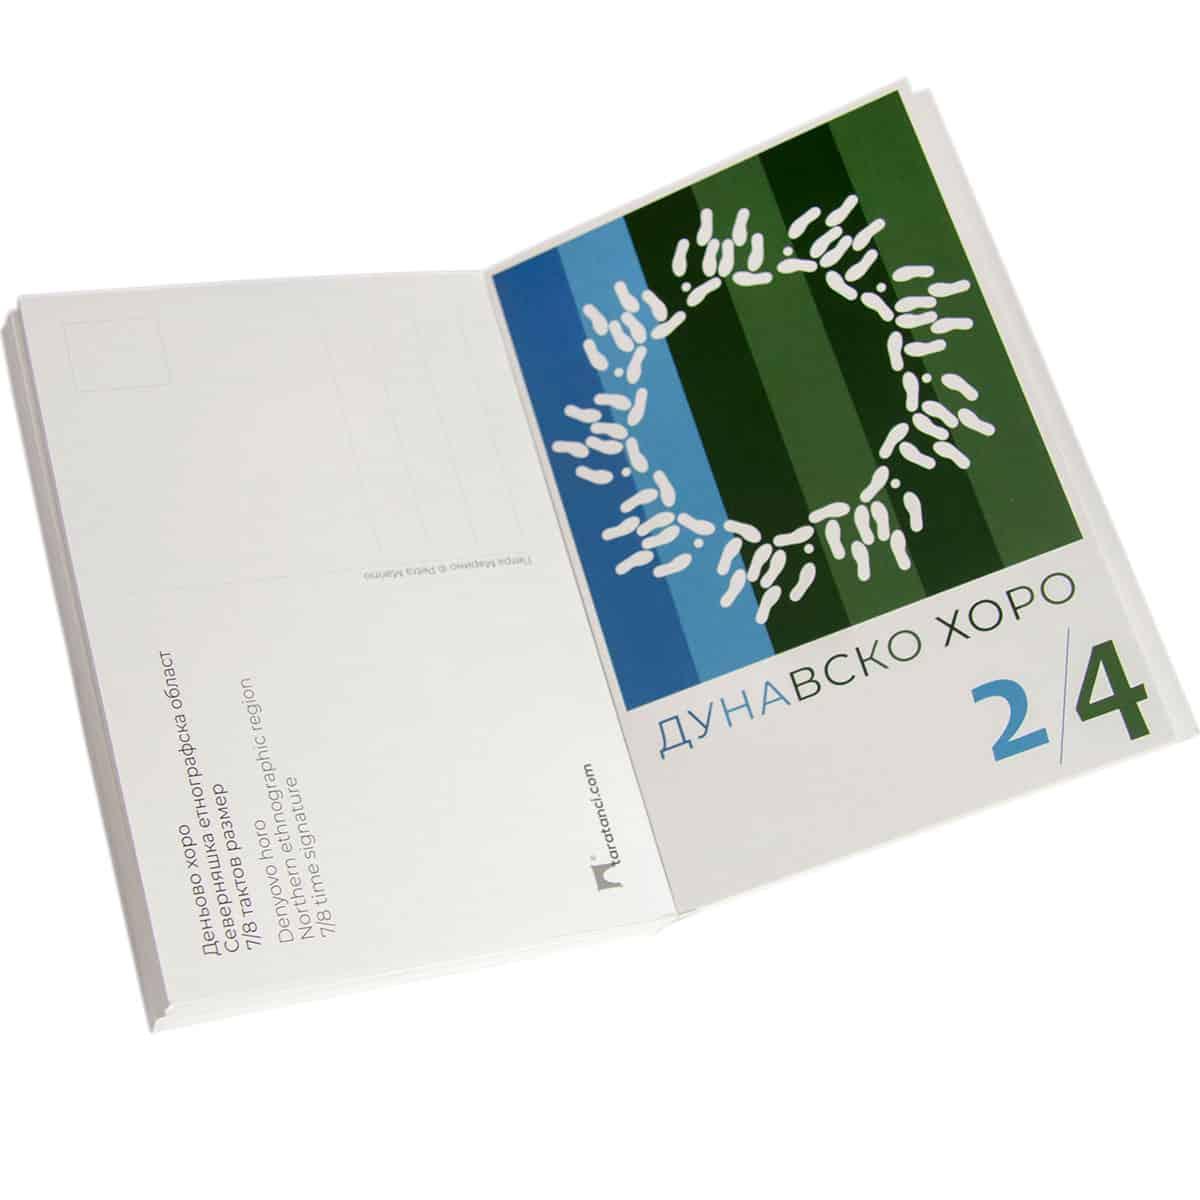 книжка с 30 картички от Таратанци - Дунавско хоро